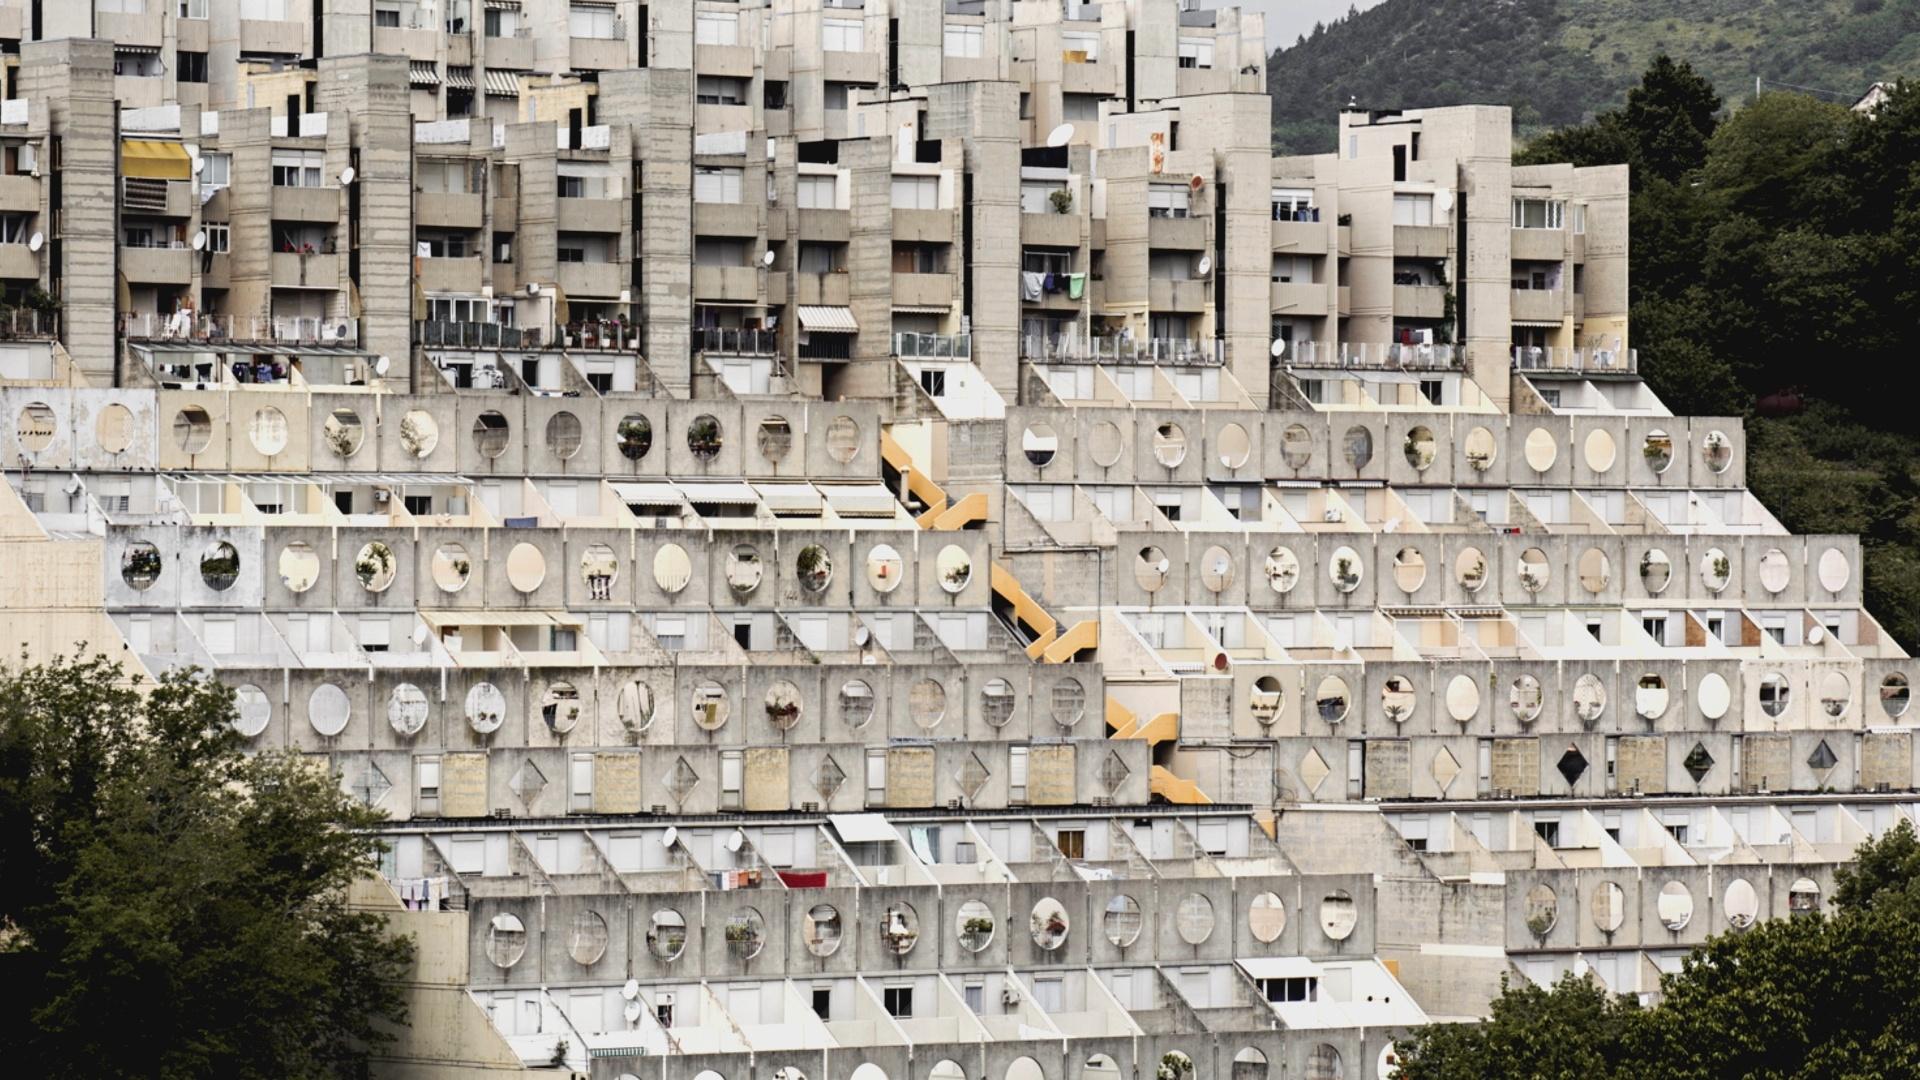 Brutalismus in Beton